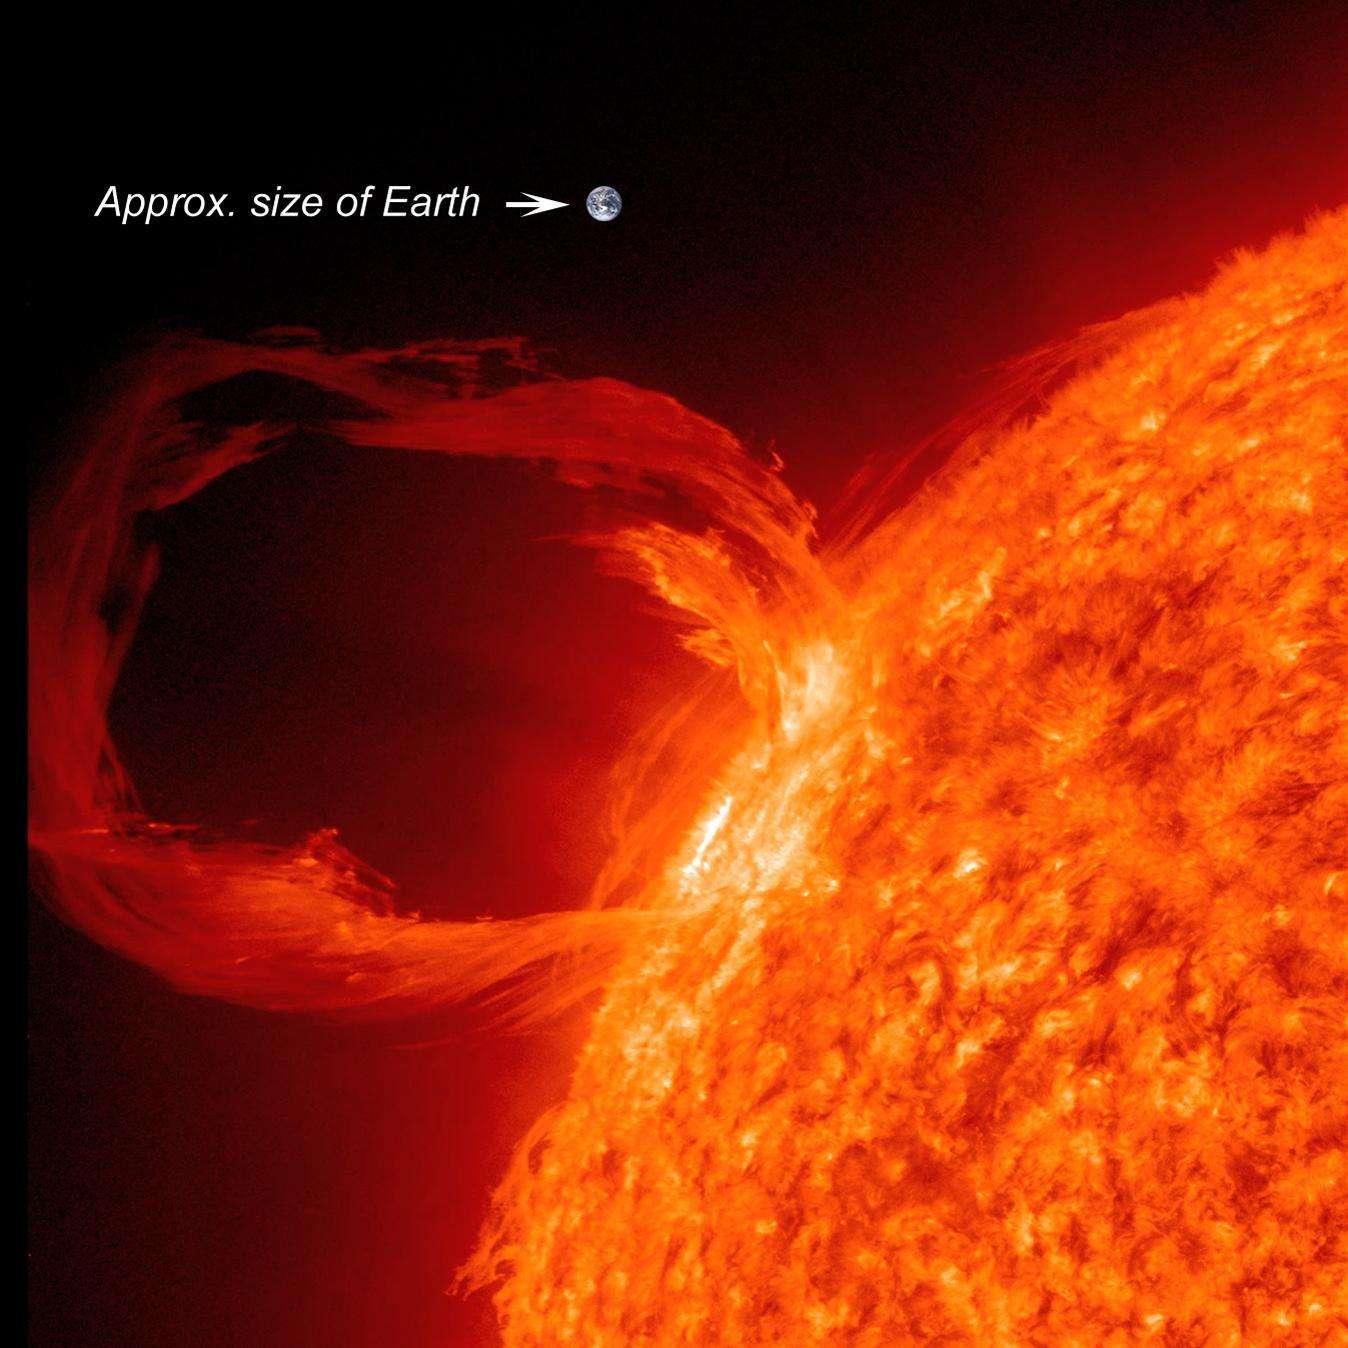 Une superbe éruption solaire, observée en UV et survenue le 30 mars 2010. L'image de la Terre donne l'échelle... © Nasa/SDO